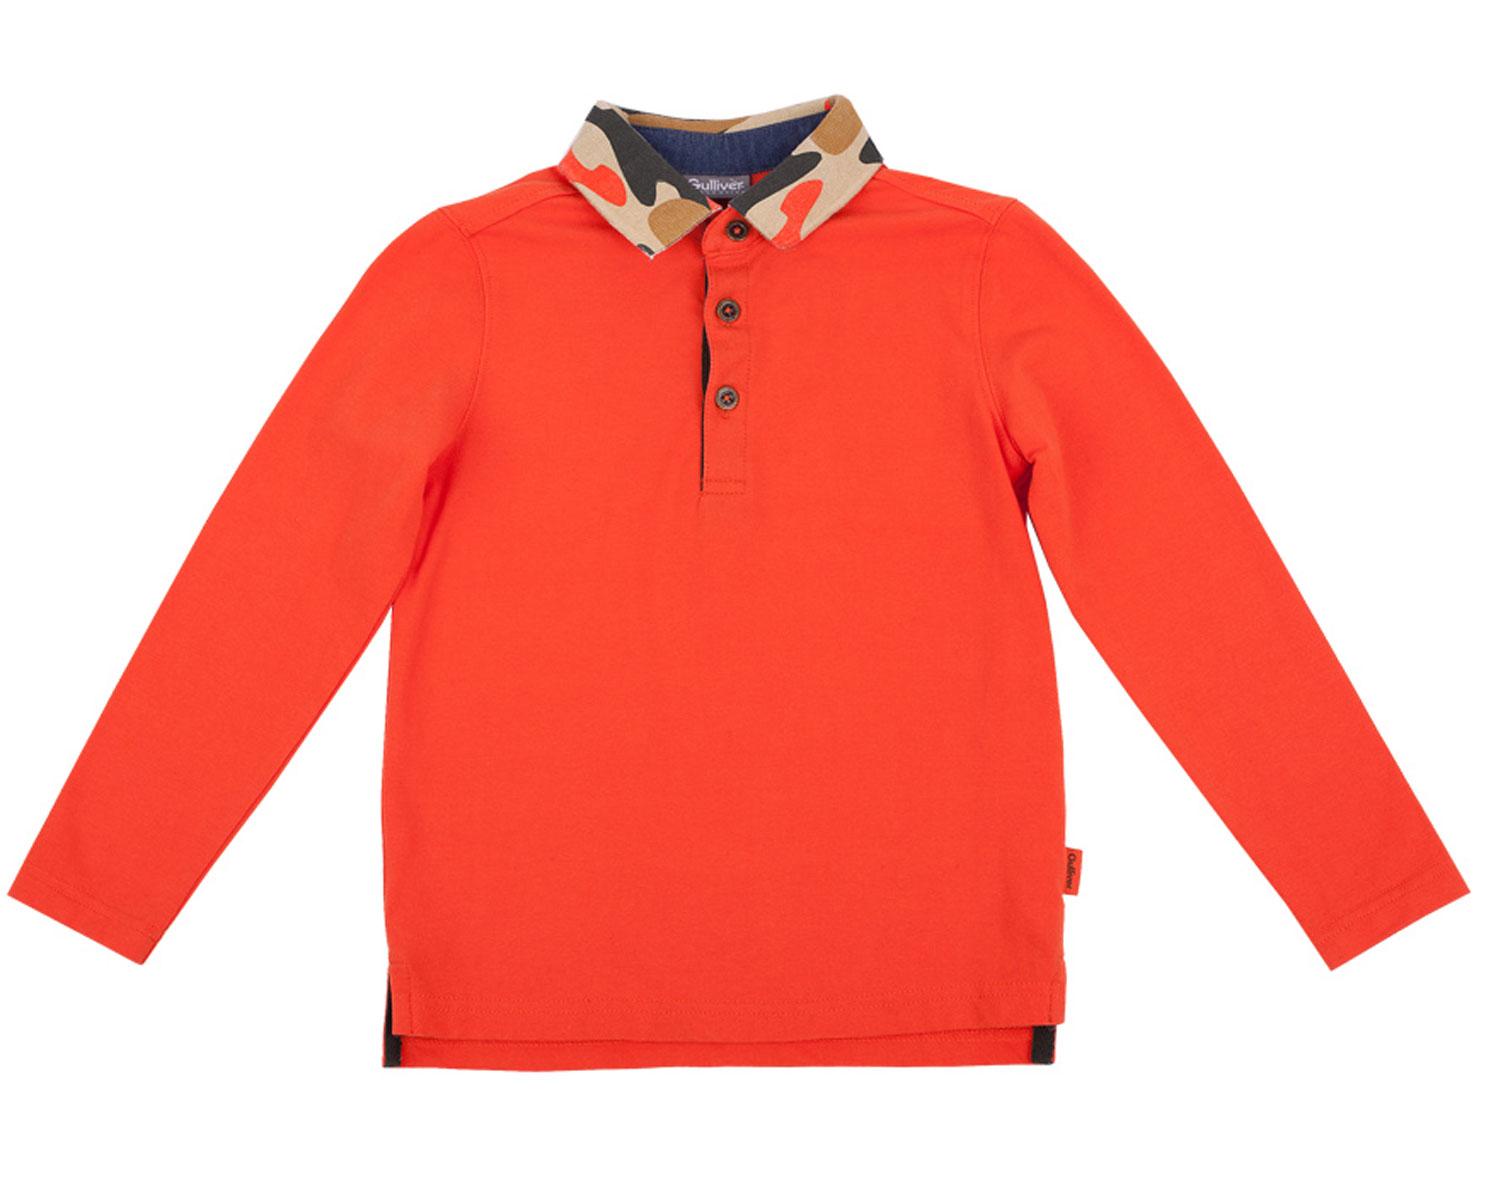 Поло с длинным рукавом для мальчика Gulliver, цвет: оранжевый. 21604BMC1401. Размер 11621604BMC1401Сочное поло с длинным рукавом сделает образ ребенка свежим и интересным! Поло выполнено в лучших традициях стиля Casual: контрастные отделки, вышивка, принт. Изюминка модели - рисунок милитари , нанесенный на трикотажный воротник. Это создает интересную цветовую и орнаментальную игру, что делает детское поло ярким и занимательным. Если вы хотите купить оригинальное поло, эта модель - то, что вы ищите! Она подарит ребенку комфорт и хорошее настроение!